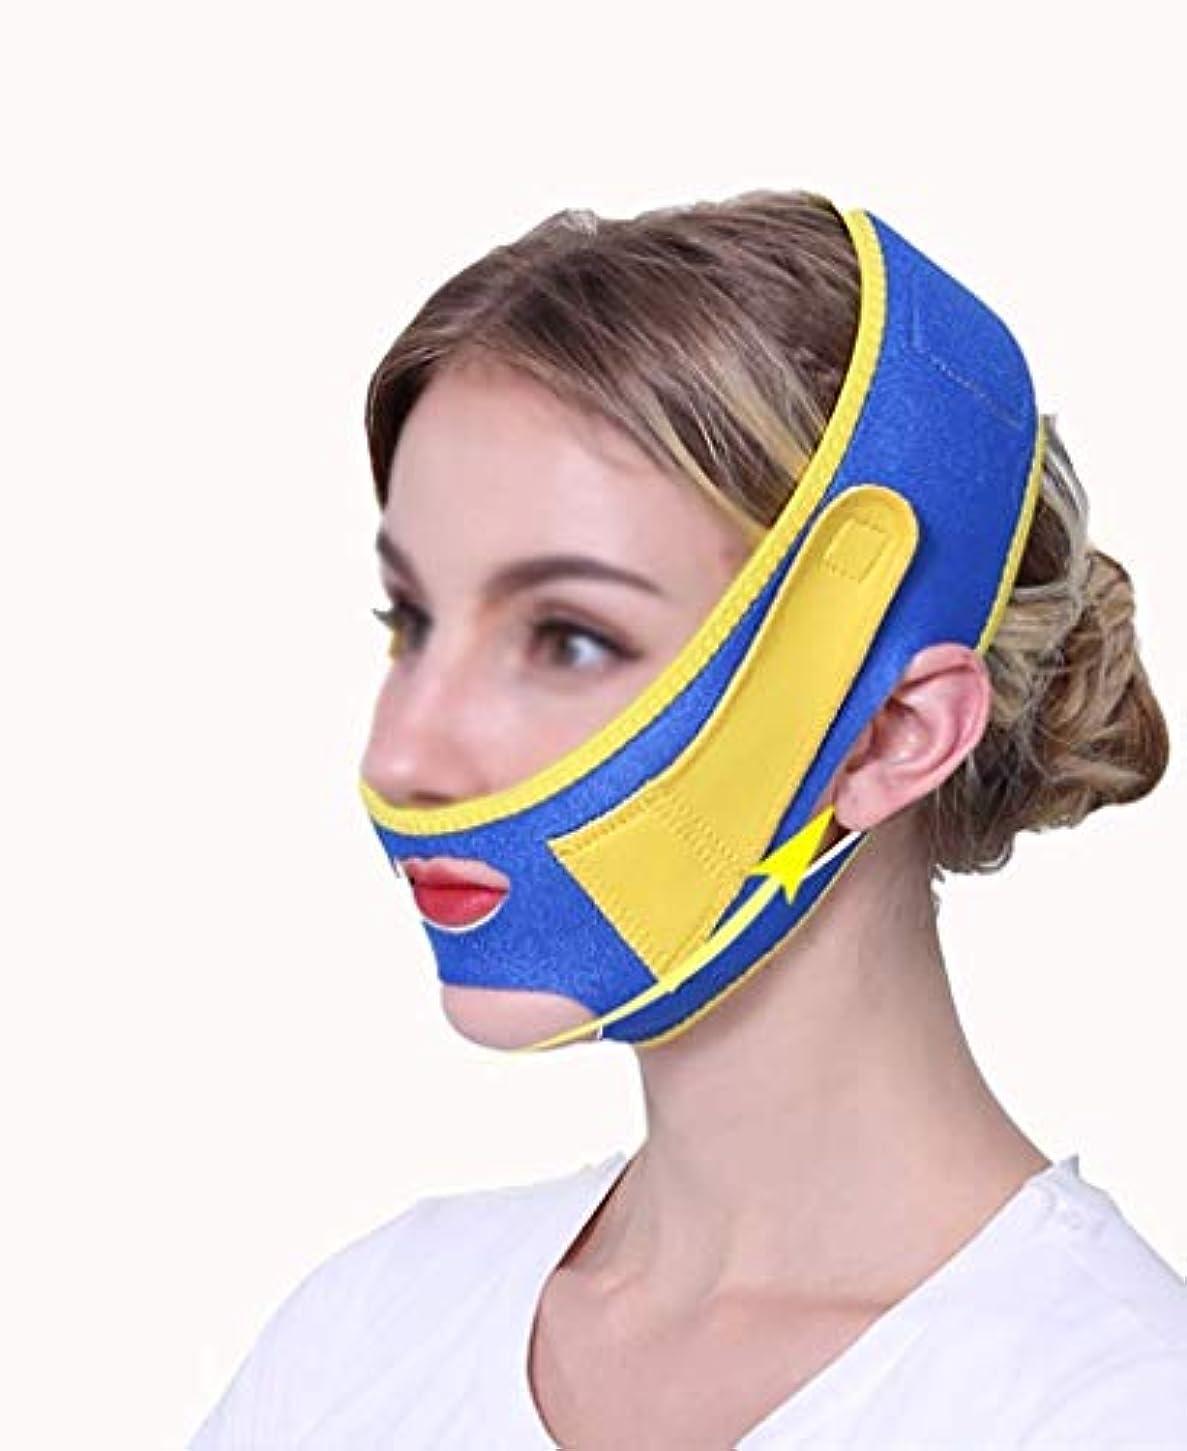 パトロールマングルファイアルフェイスリフトマスク、あごひも回復包帯薄いフェイスマスクVフェイスステッカーフェイスリフトステッカー韓国本物のリフティング引き締め引き締め成形薄いダブルチンフェイスリフト睡眠包帯アーティファクト